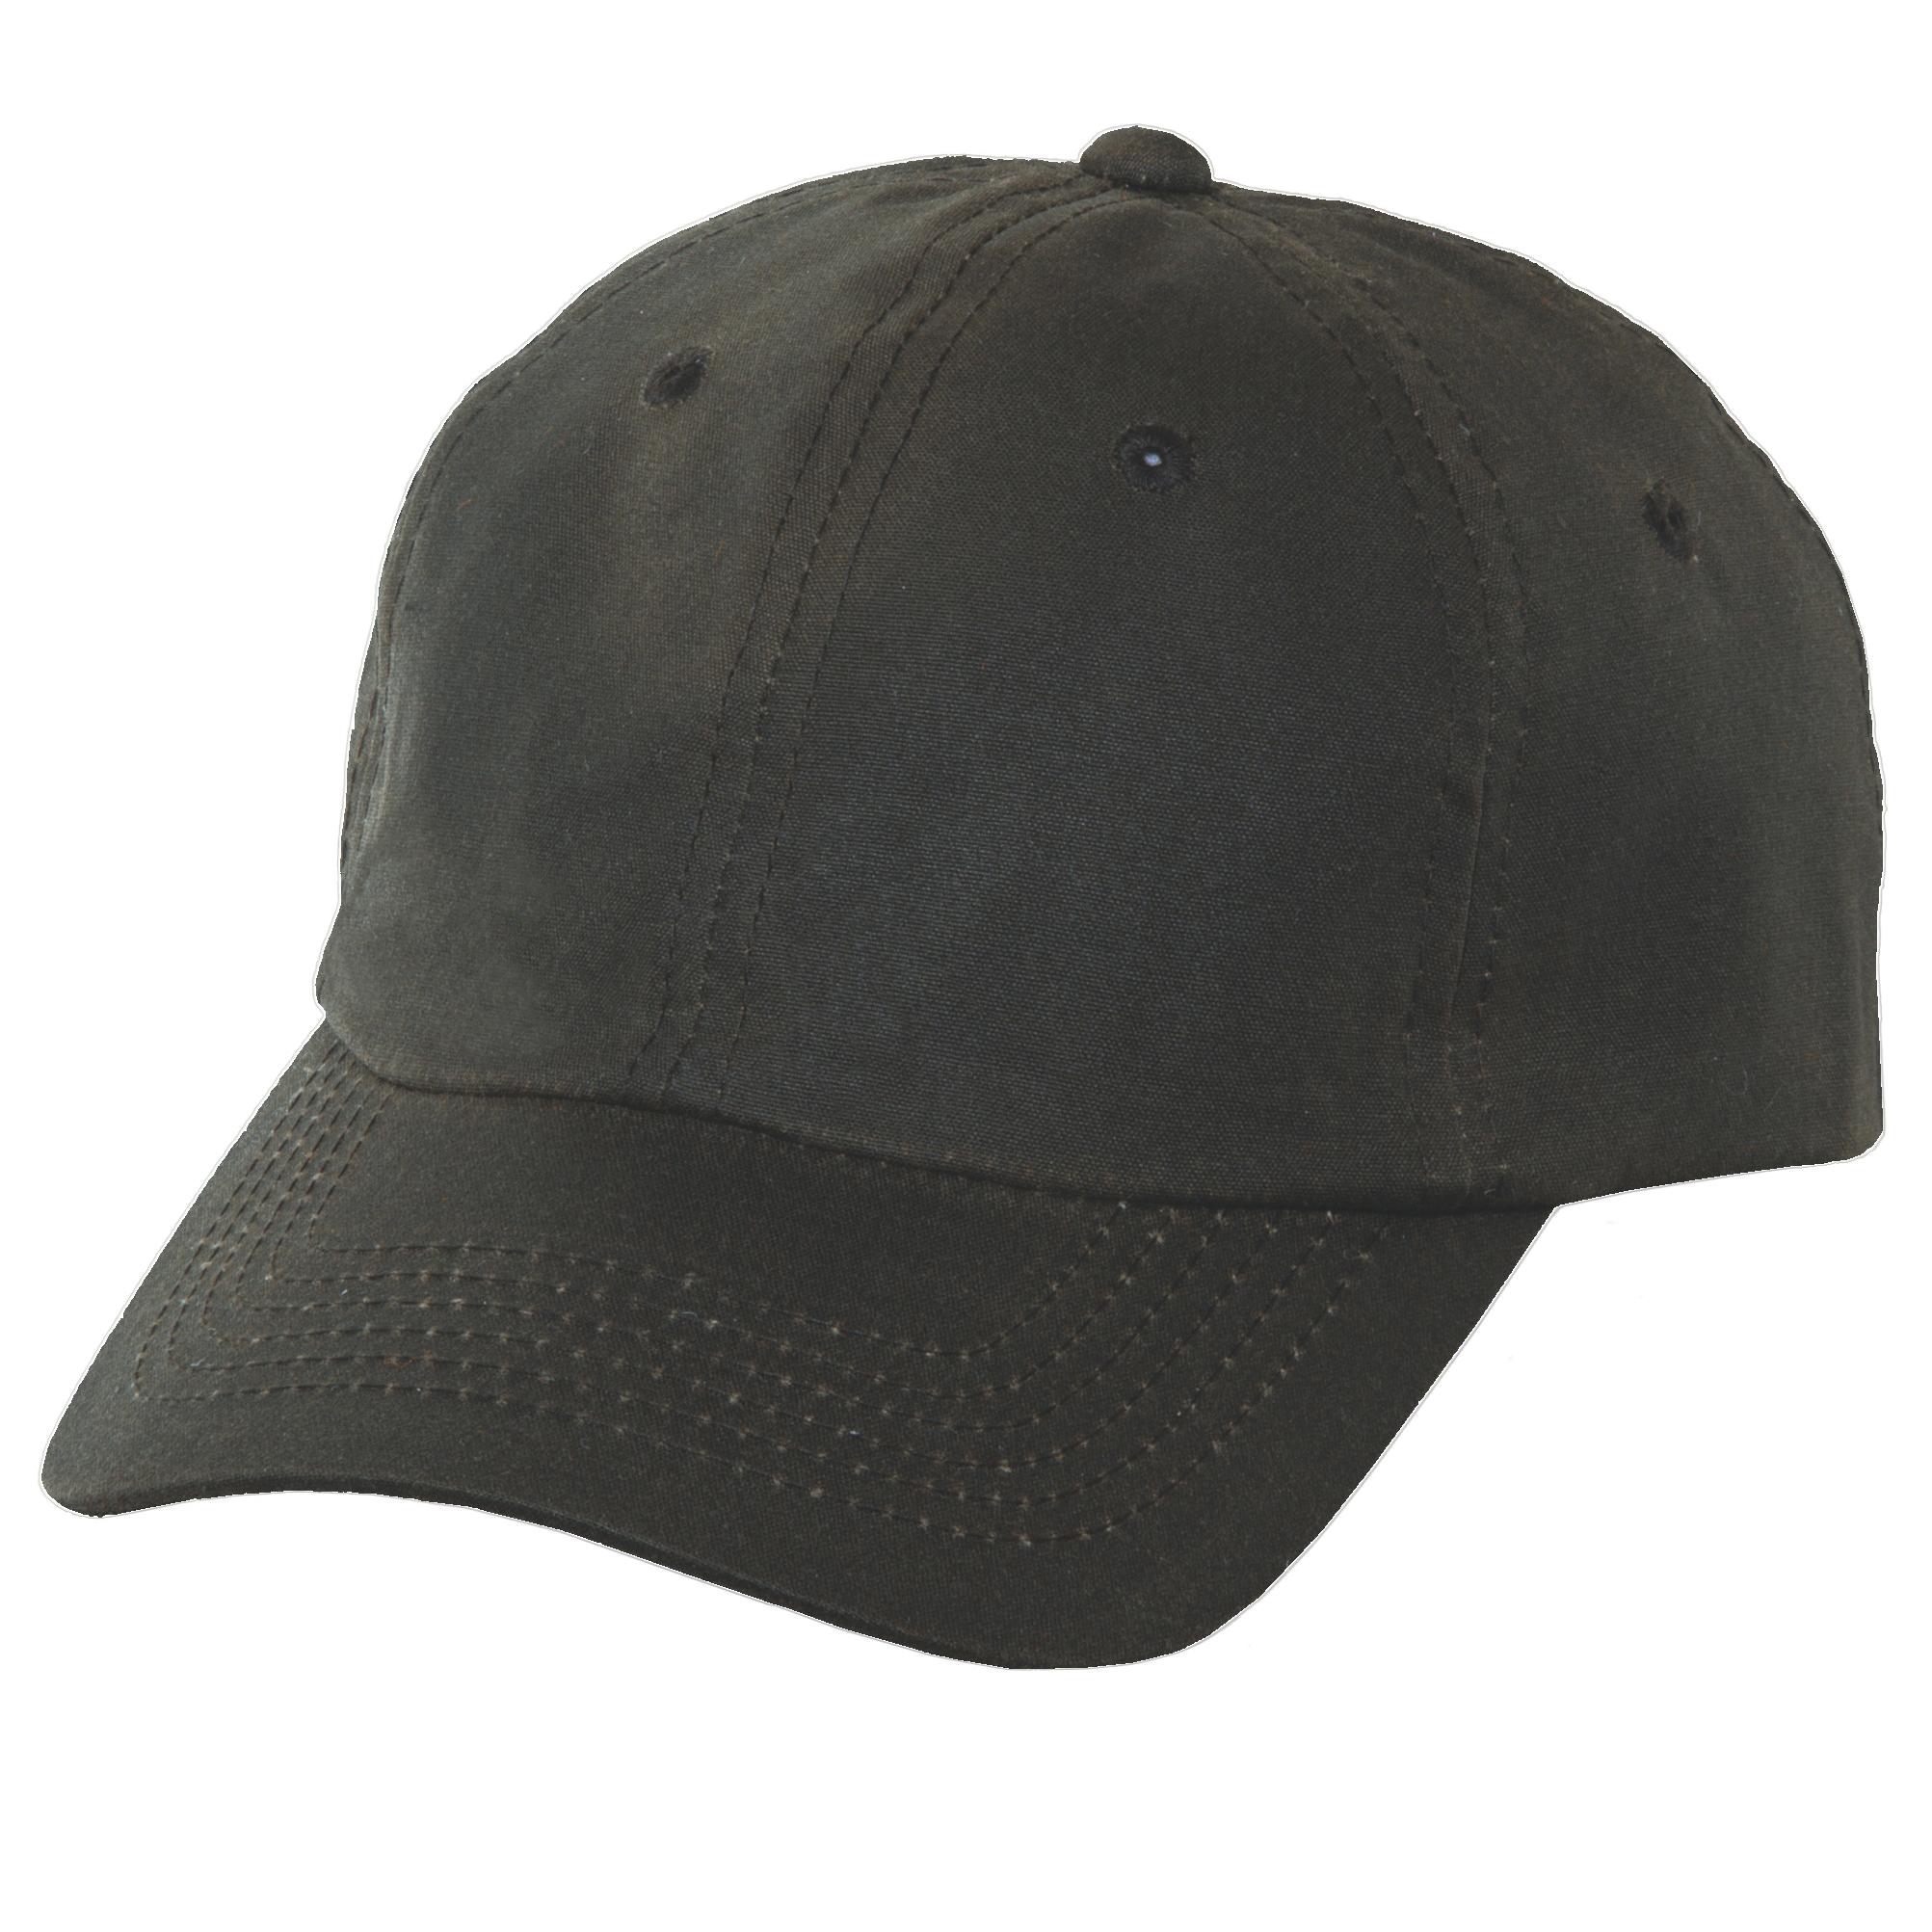 Oil Cloth Ball Cap Explorer Hats